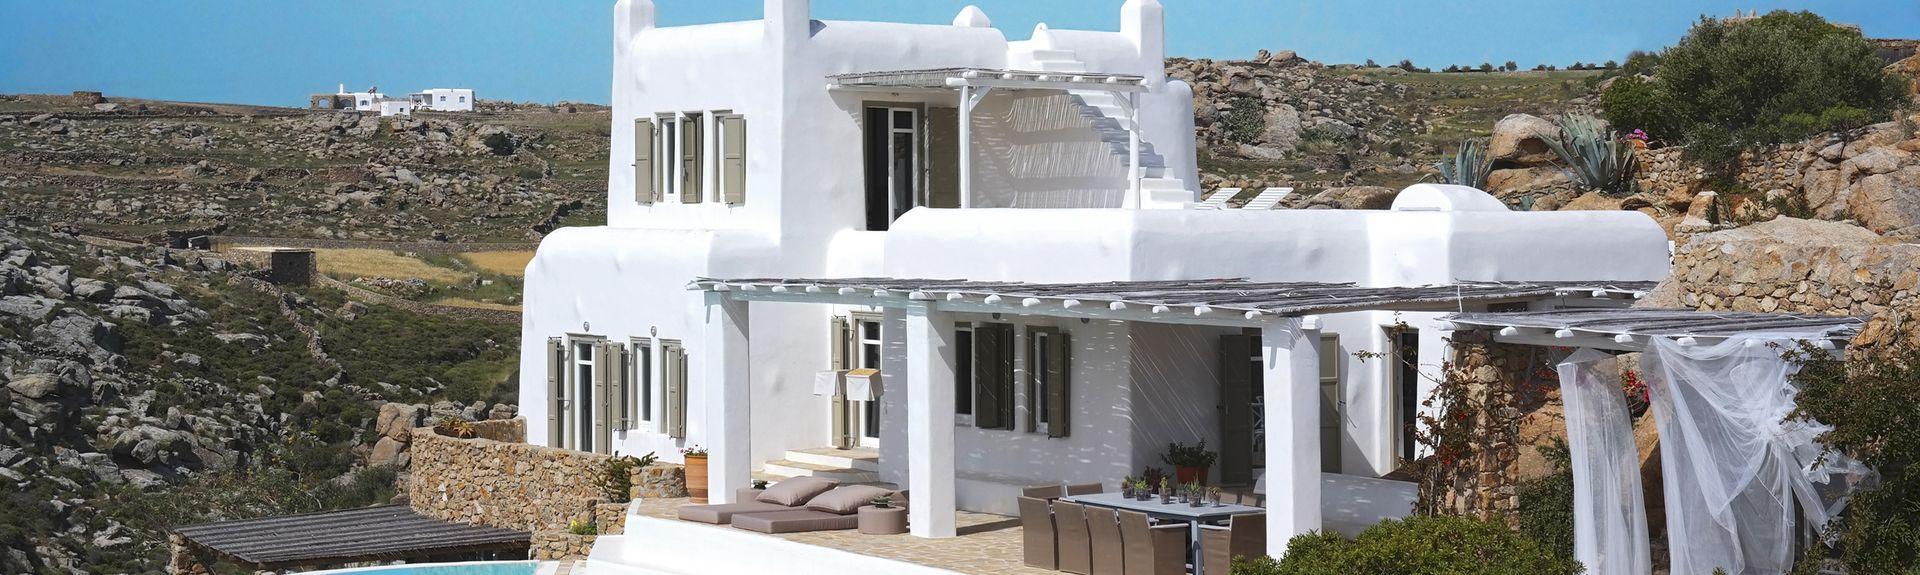 Playa de Platis Gialos, Míkonos, Periferia de Egeo Meridional, Grecia